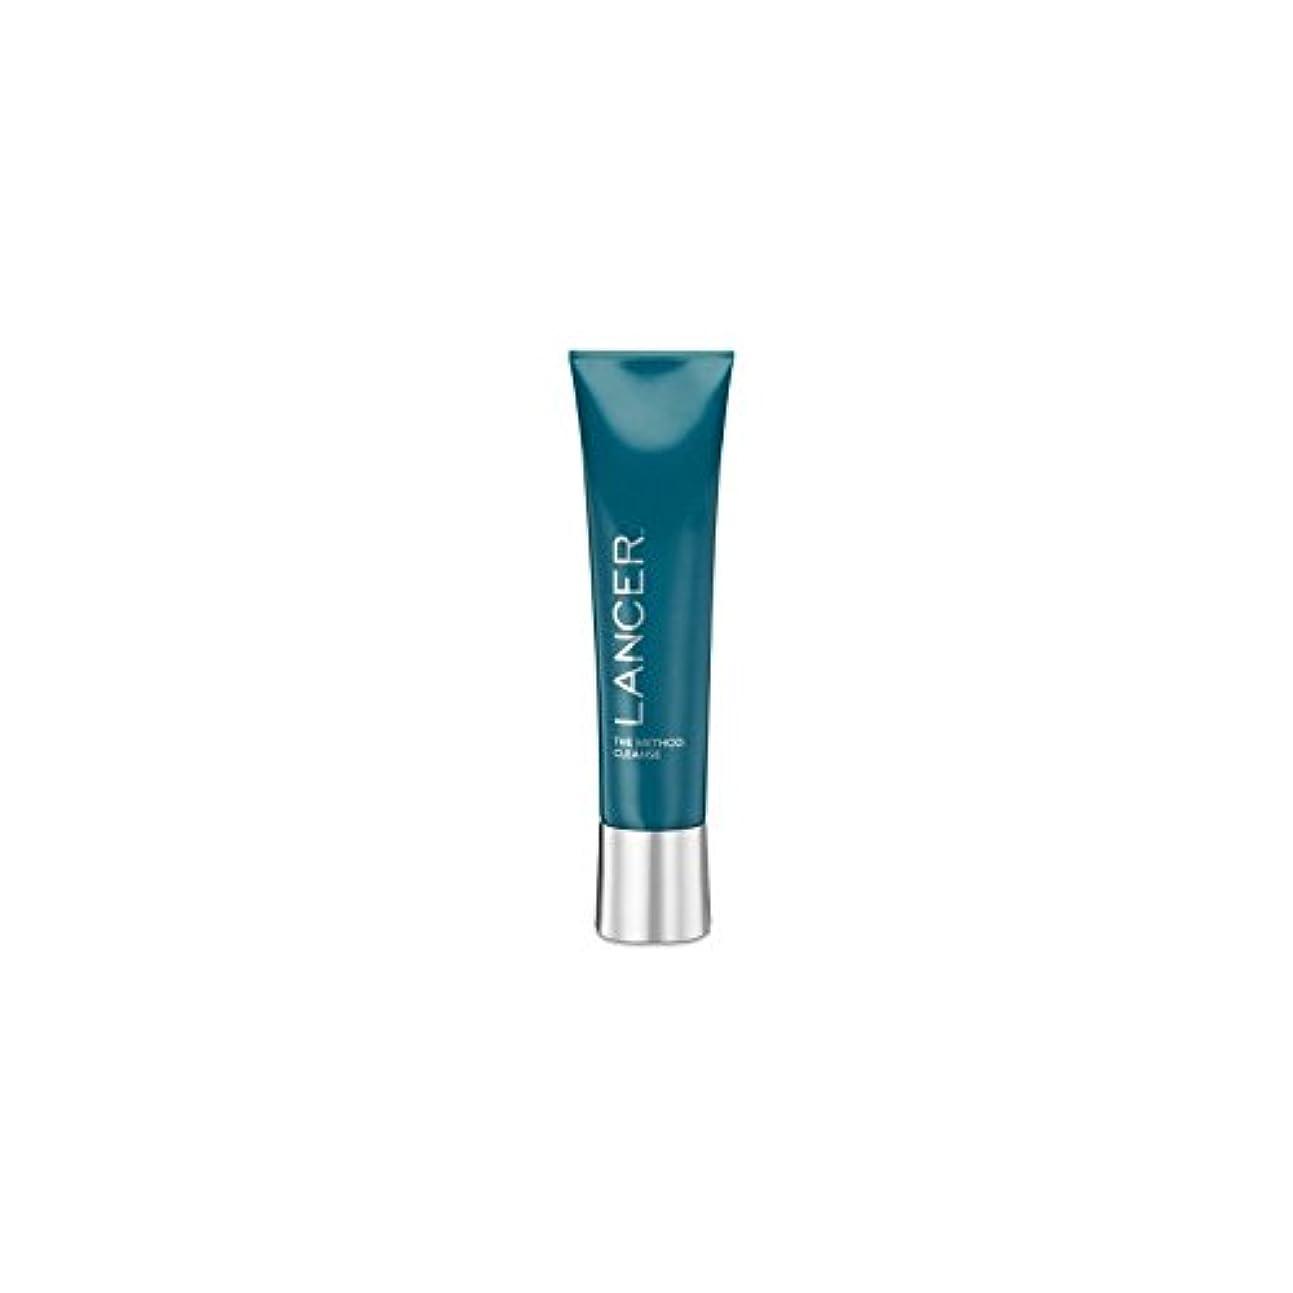 きゅうり日焼け遠えクレンザー(120ミリリットル):ランサーは、メソッドをスキンケア x4 - Lancer Skincare The Method: Cleanser (120ml) (Pack of 4) [並行輸入品]